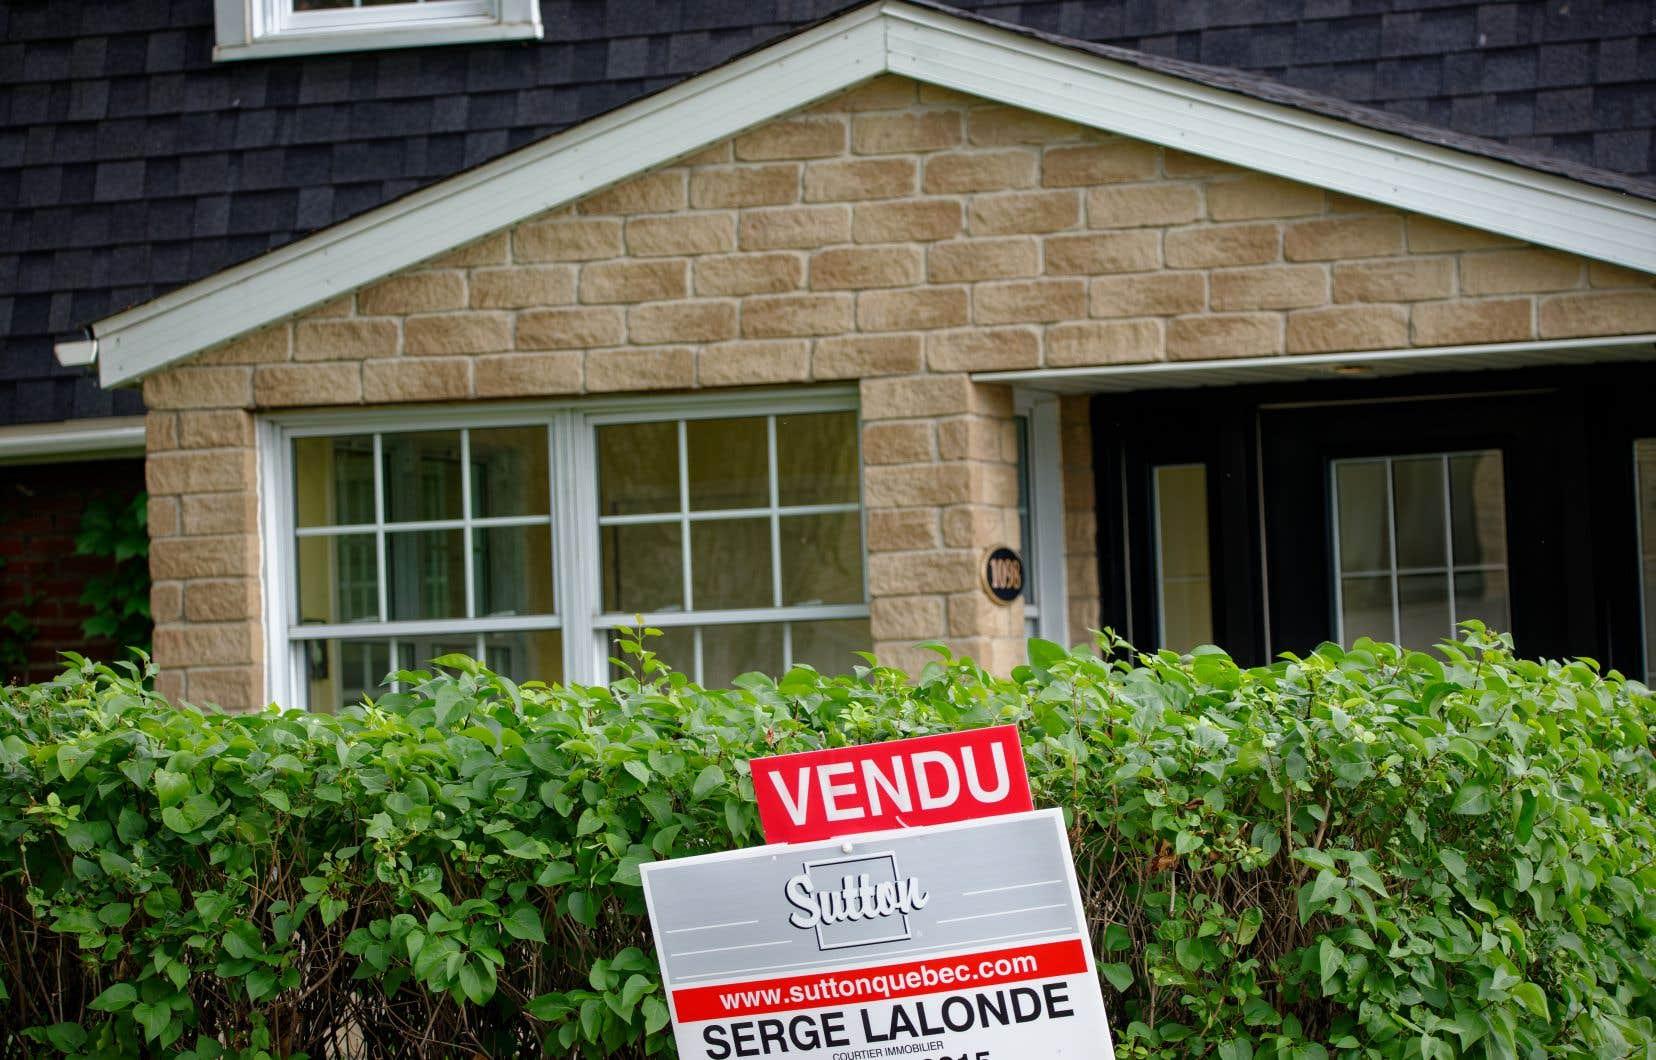 Le prix moyen national d'une maison vendue en mai était d'un peu plus de 688000$, en hausse de 38,4% par rapport au même mois l'an dernier.